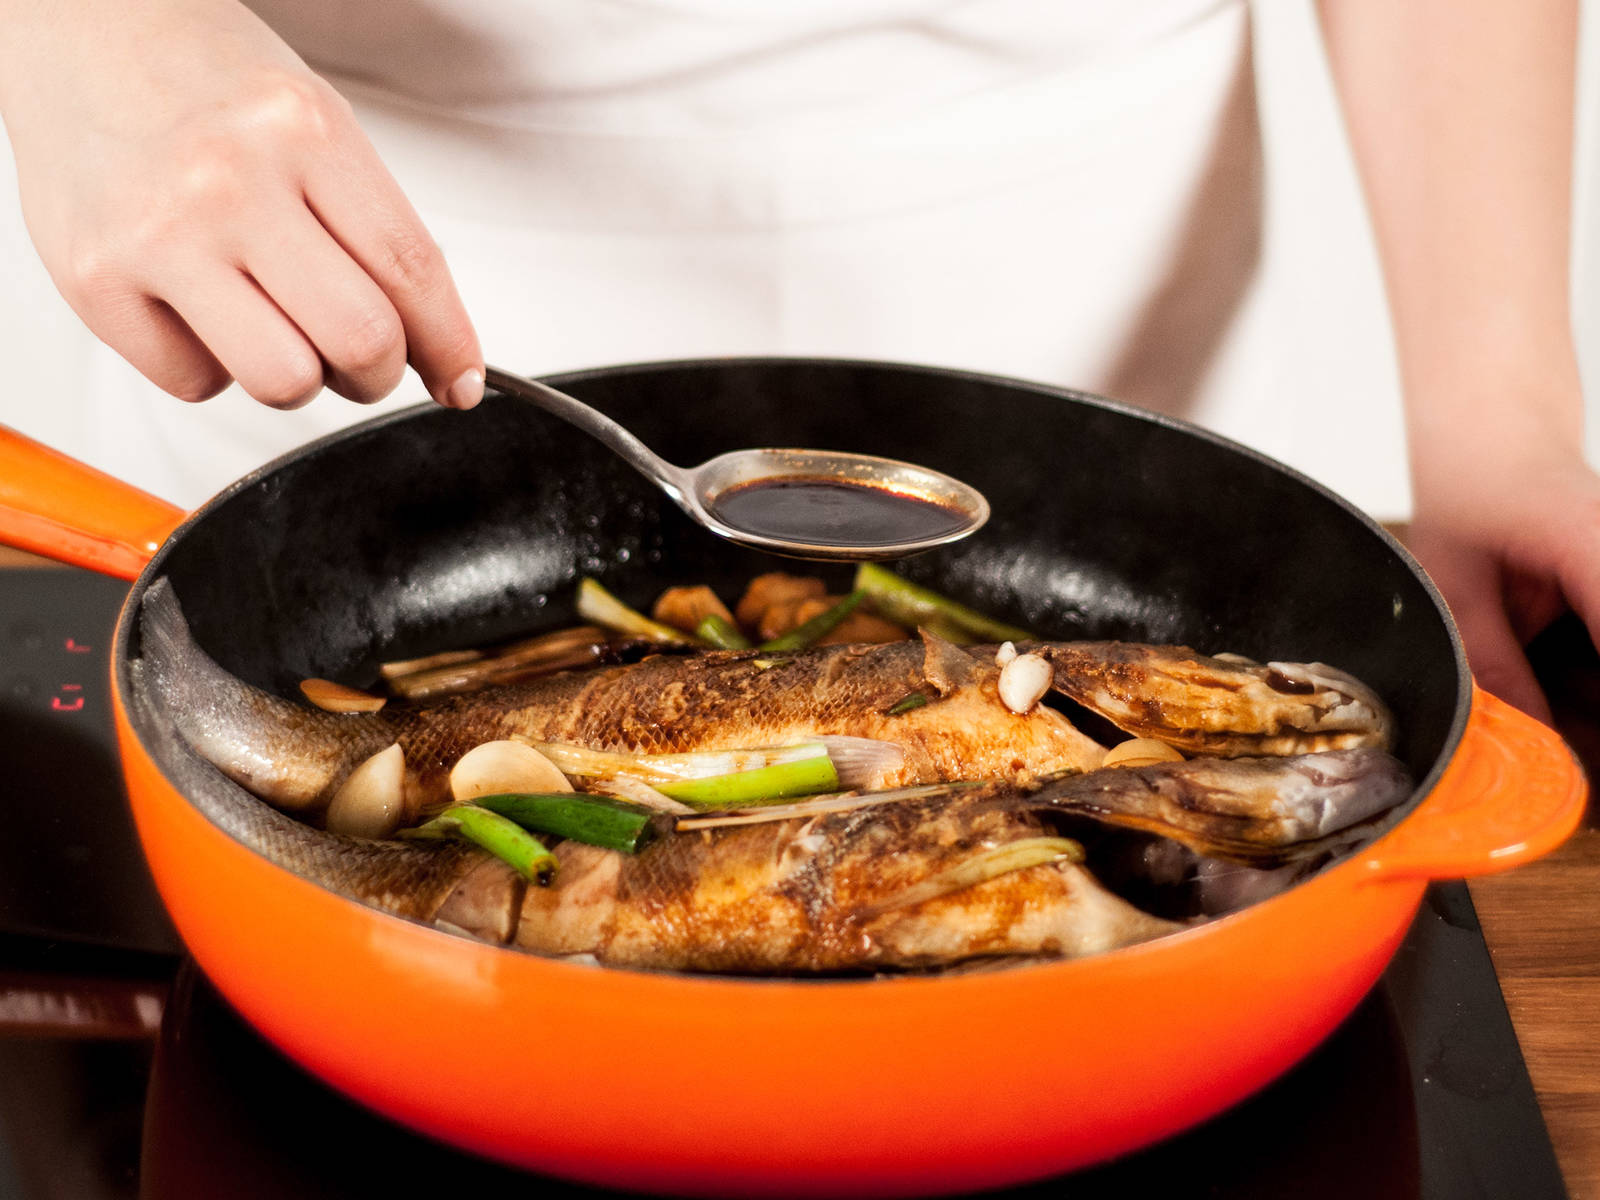 在煎锅中加入水,用勺子将汤汁淋在鱼上。加盖,大火煮至汤汁沸腾,转中小火继续煮20-23分钟。